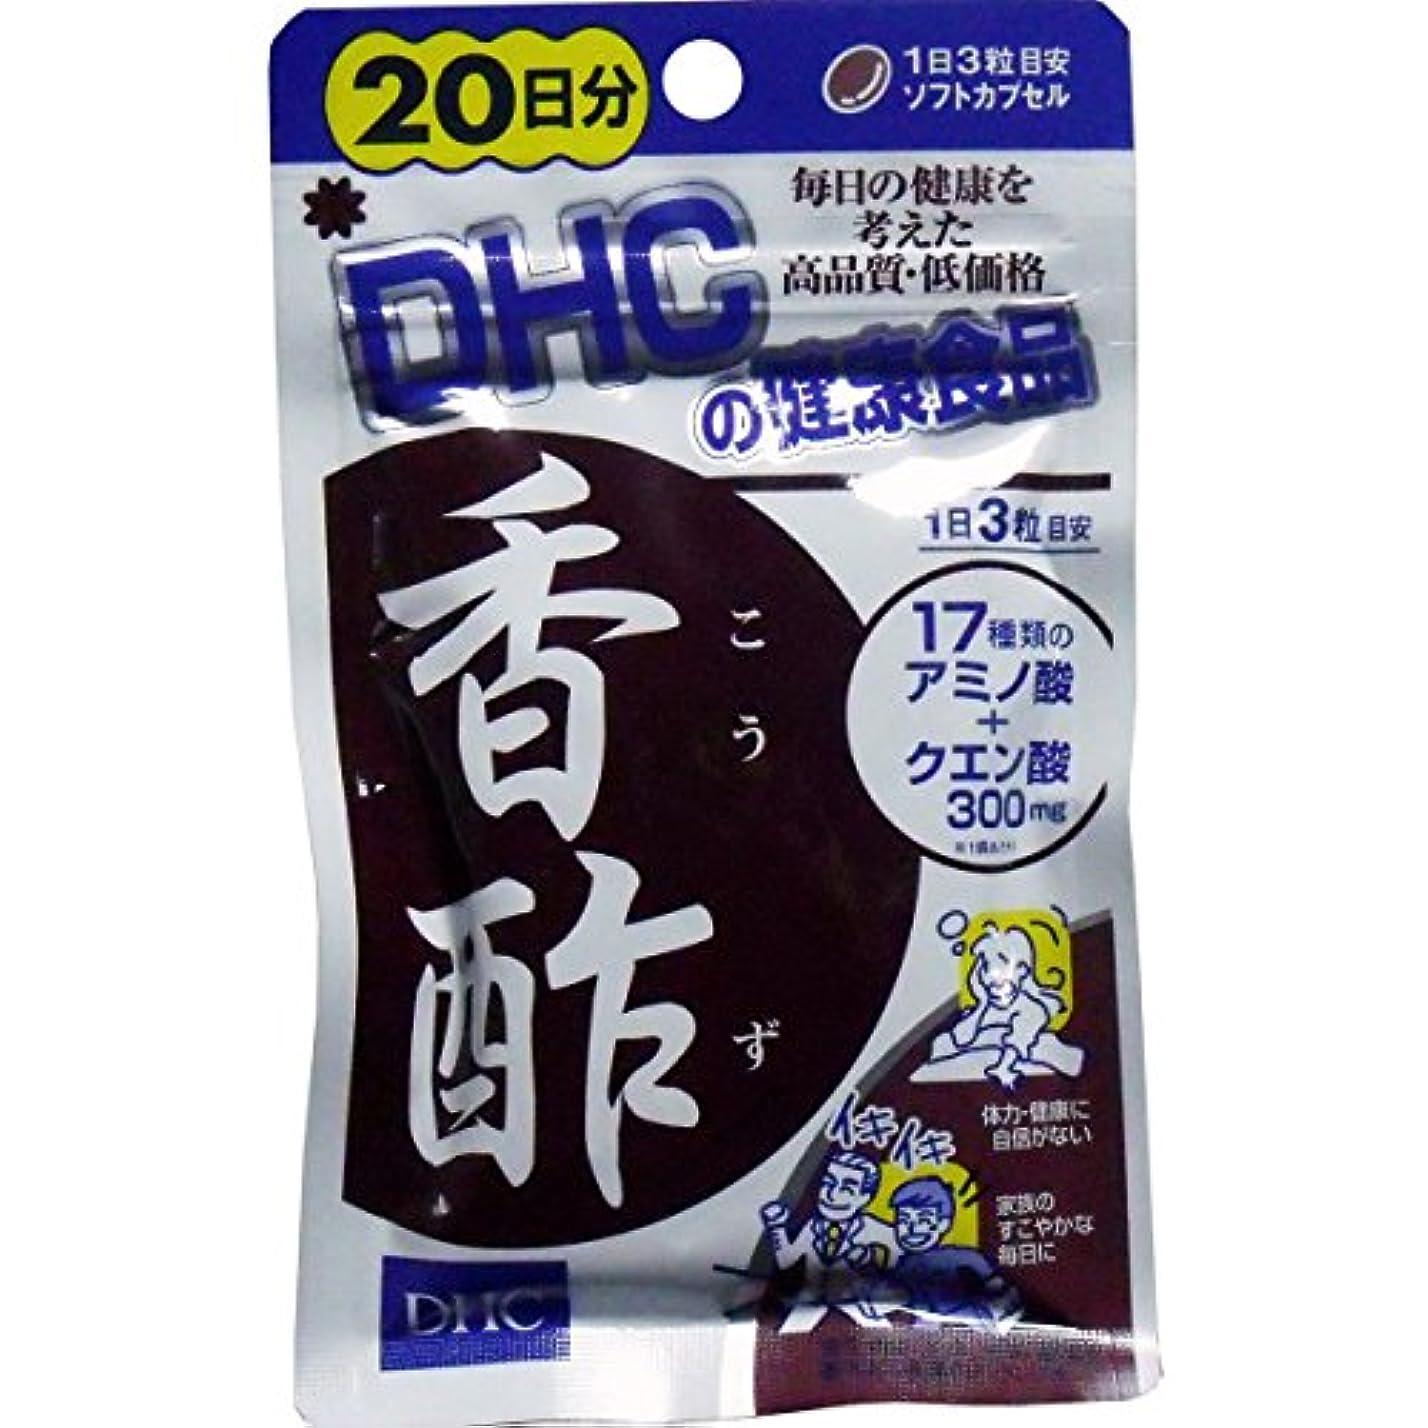 有害な画面安心させるDHC サプリメント 香酢 60粒